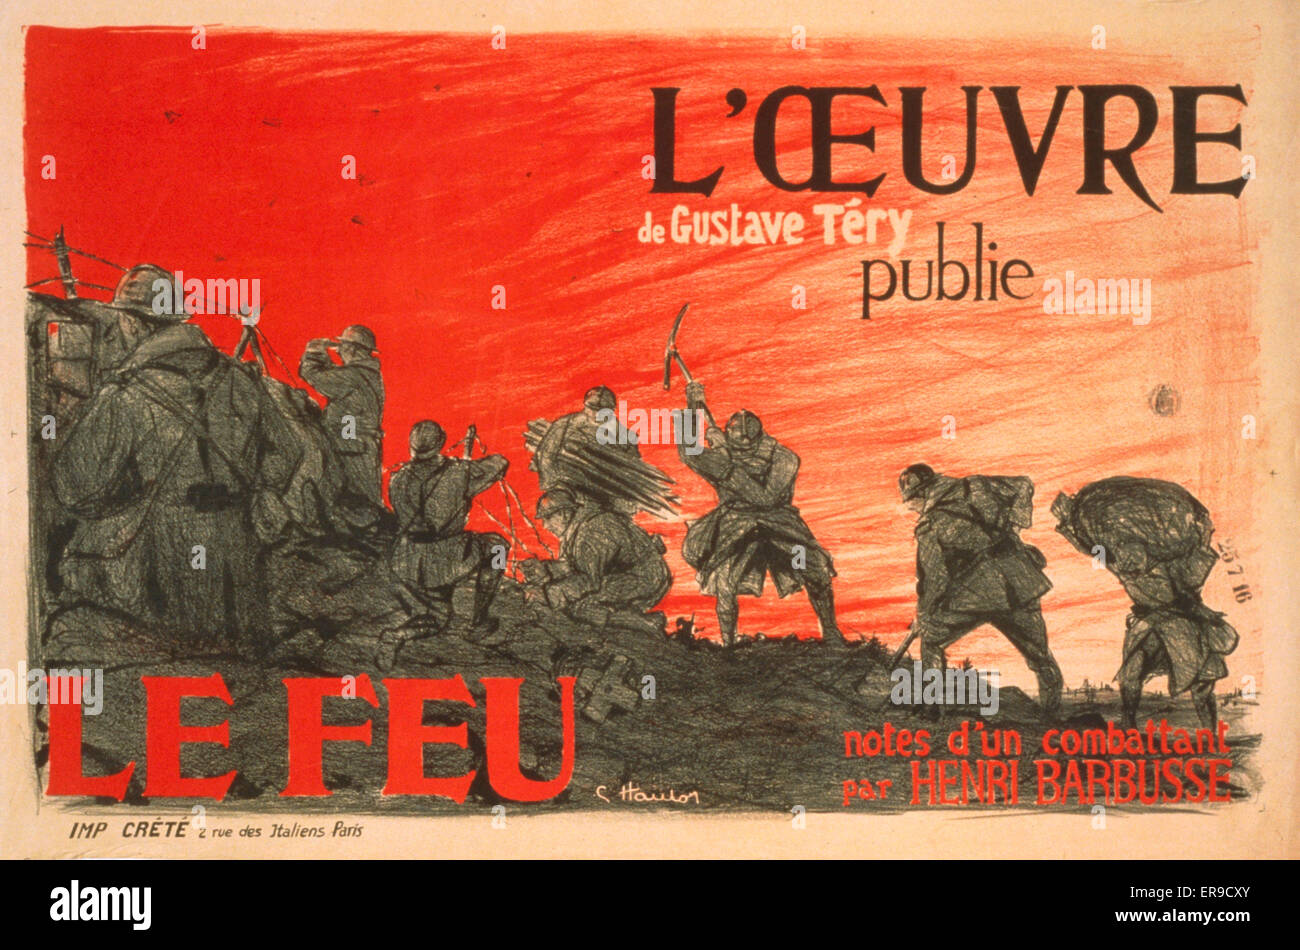 L'Oeuvre de Gustave Tery publie 'Le Feu' notes d'un combattant par Henri Barbusse. Soldiers at the - Stock Image